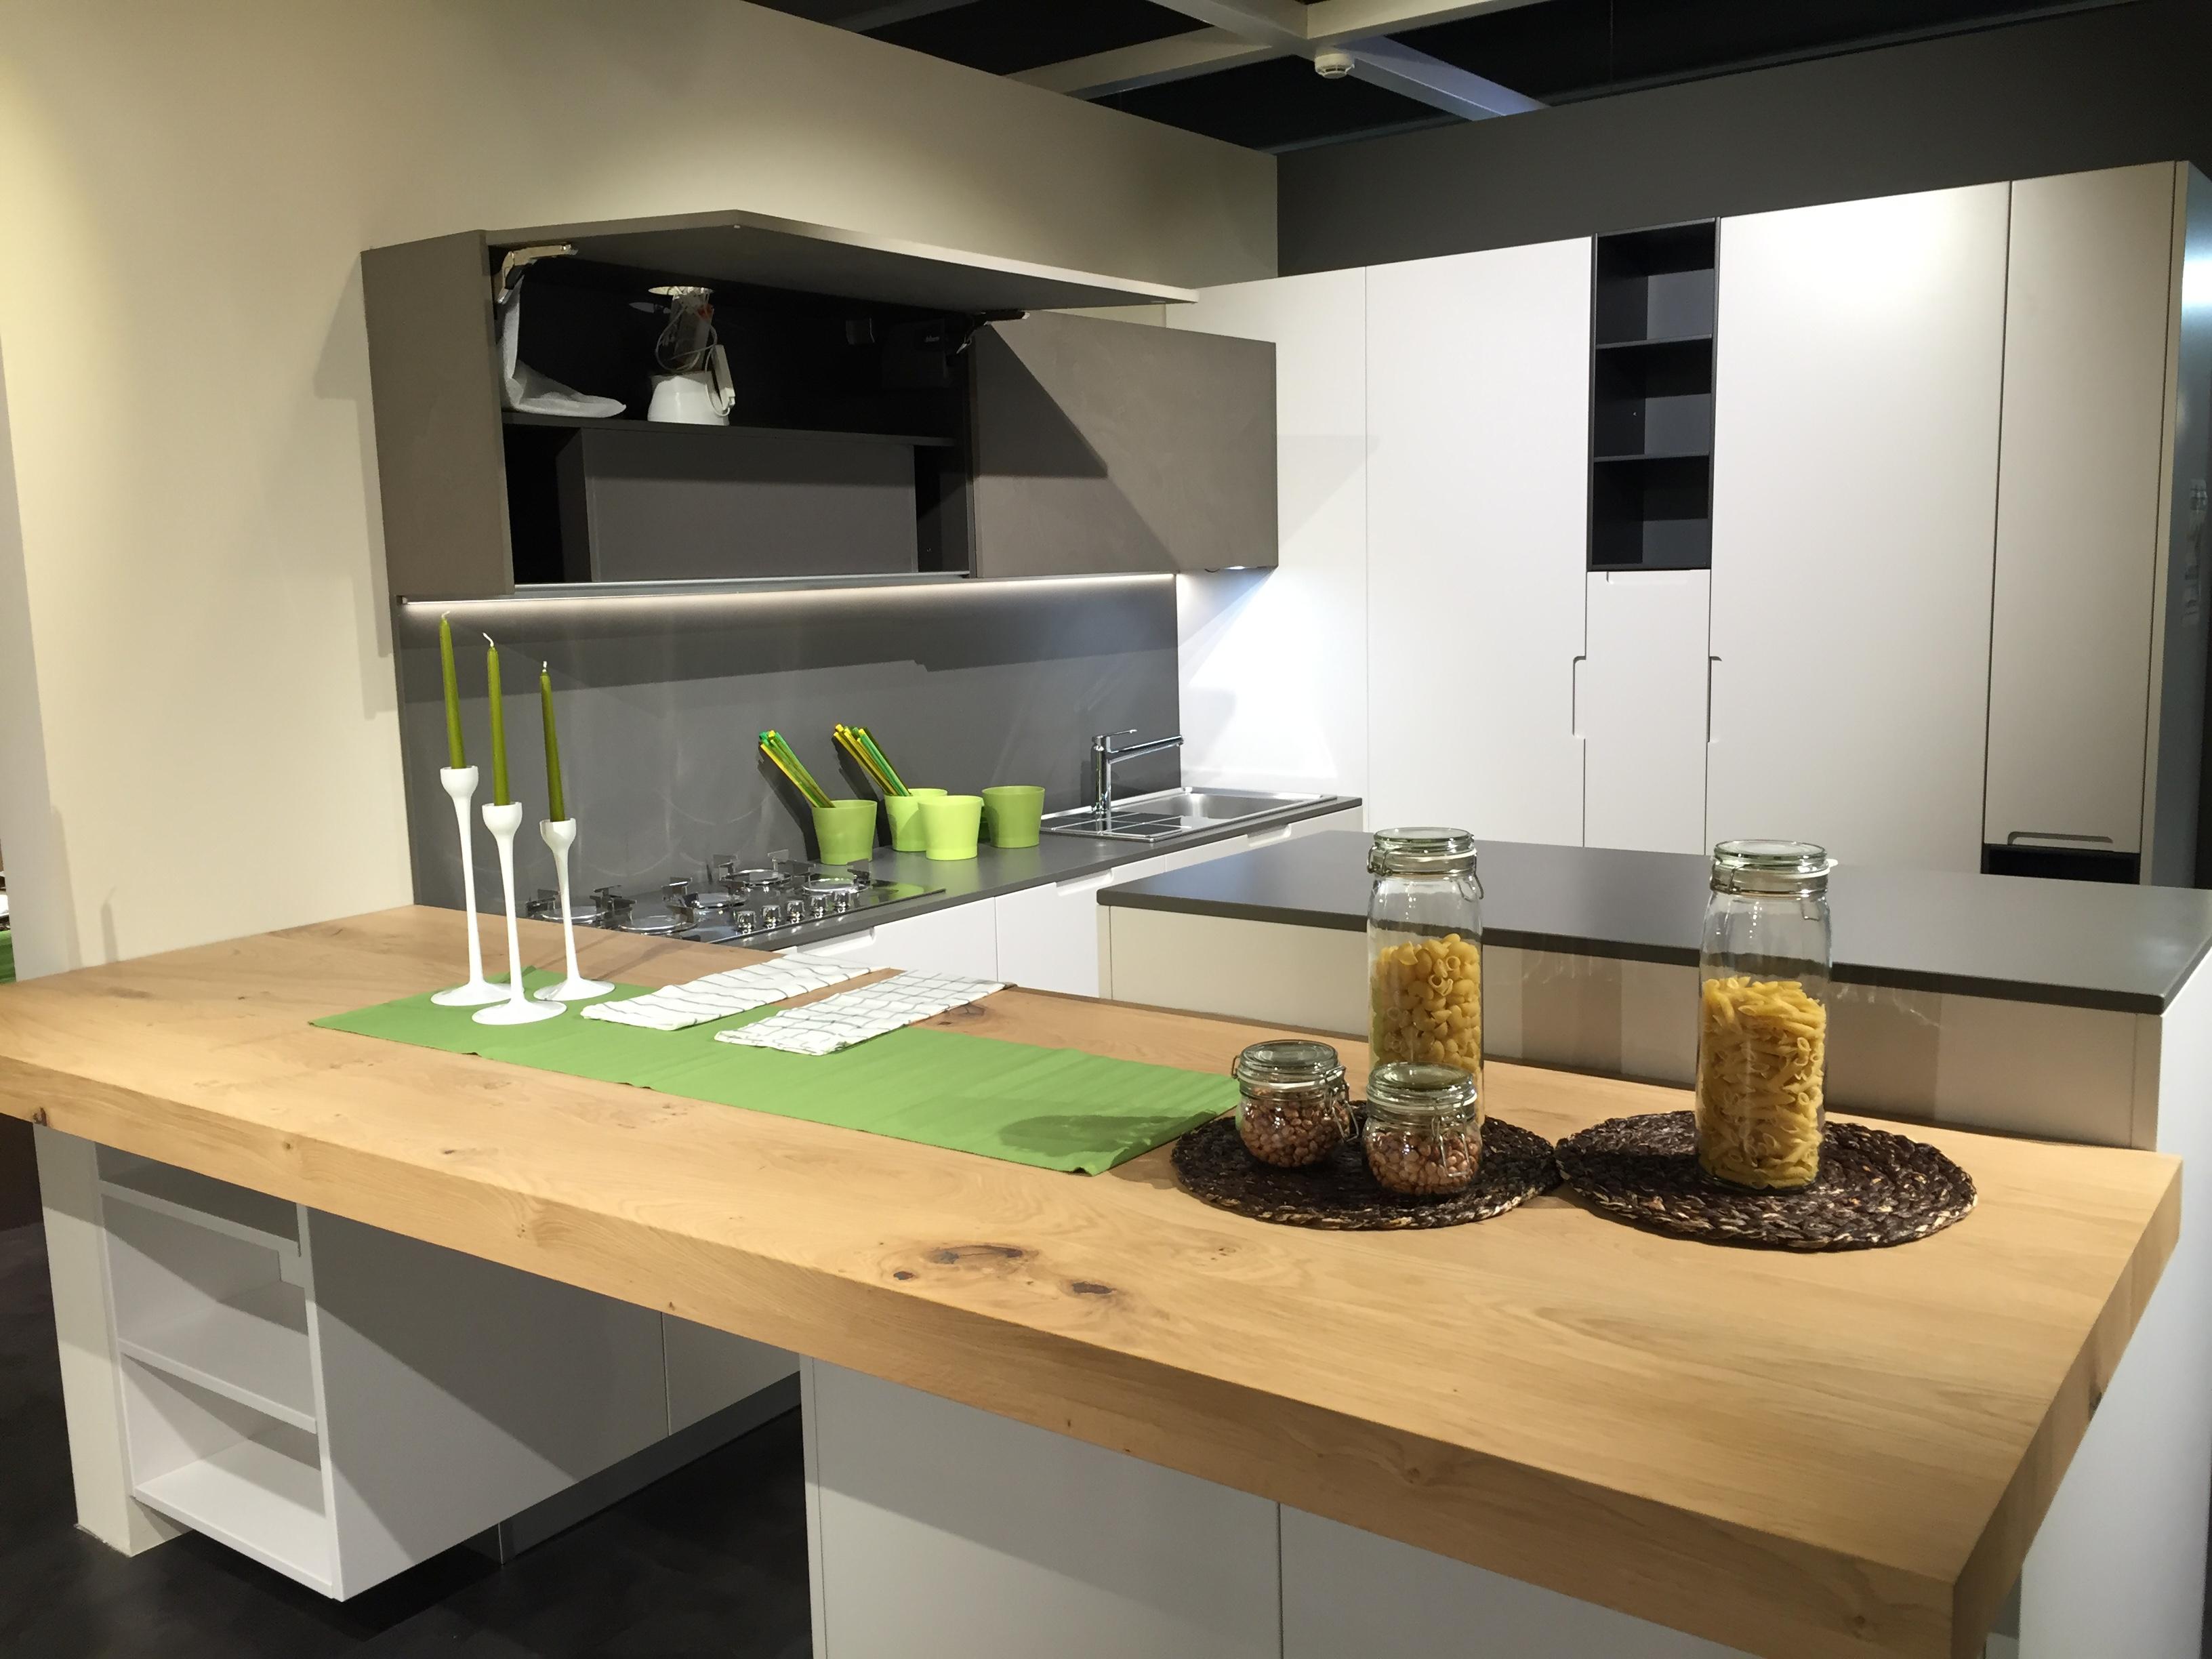 Cucine in legno moderne gallery of modello di cucina - Cucina bianca e legno ...